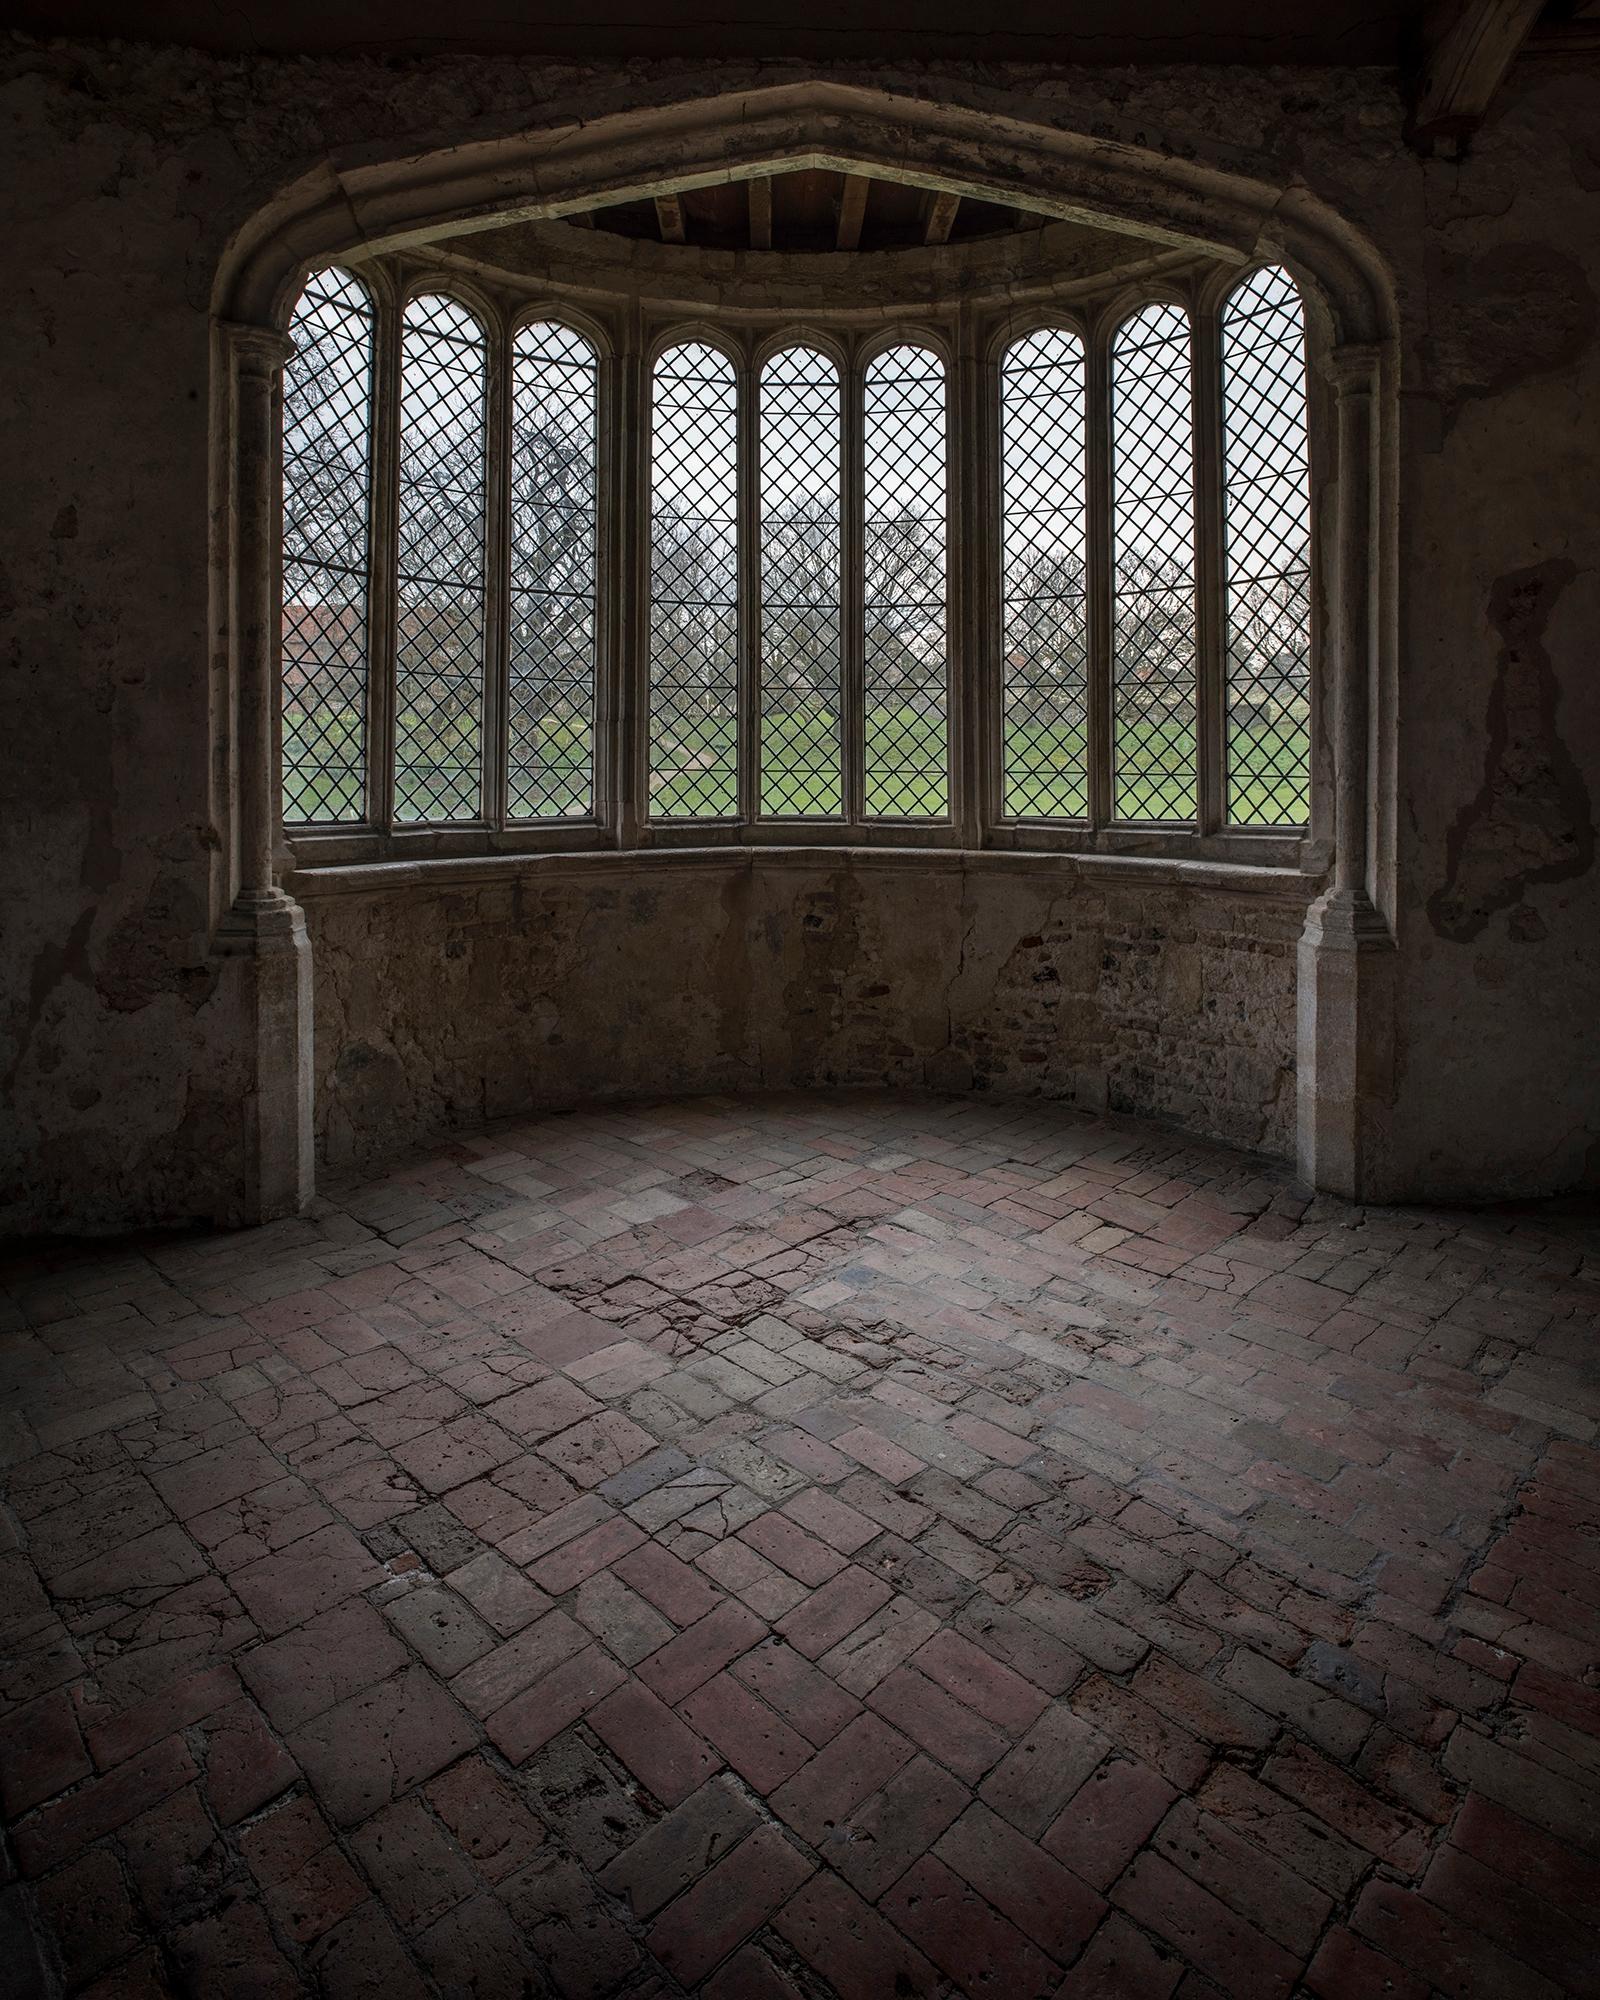 abandoned places visited amazin - forgottenheritage | ello